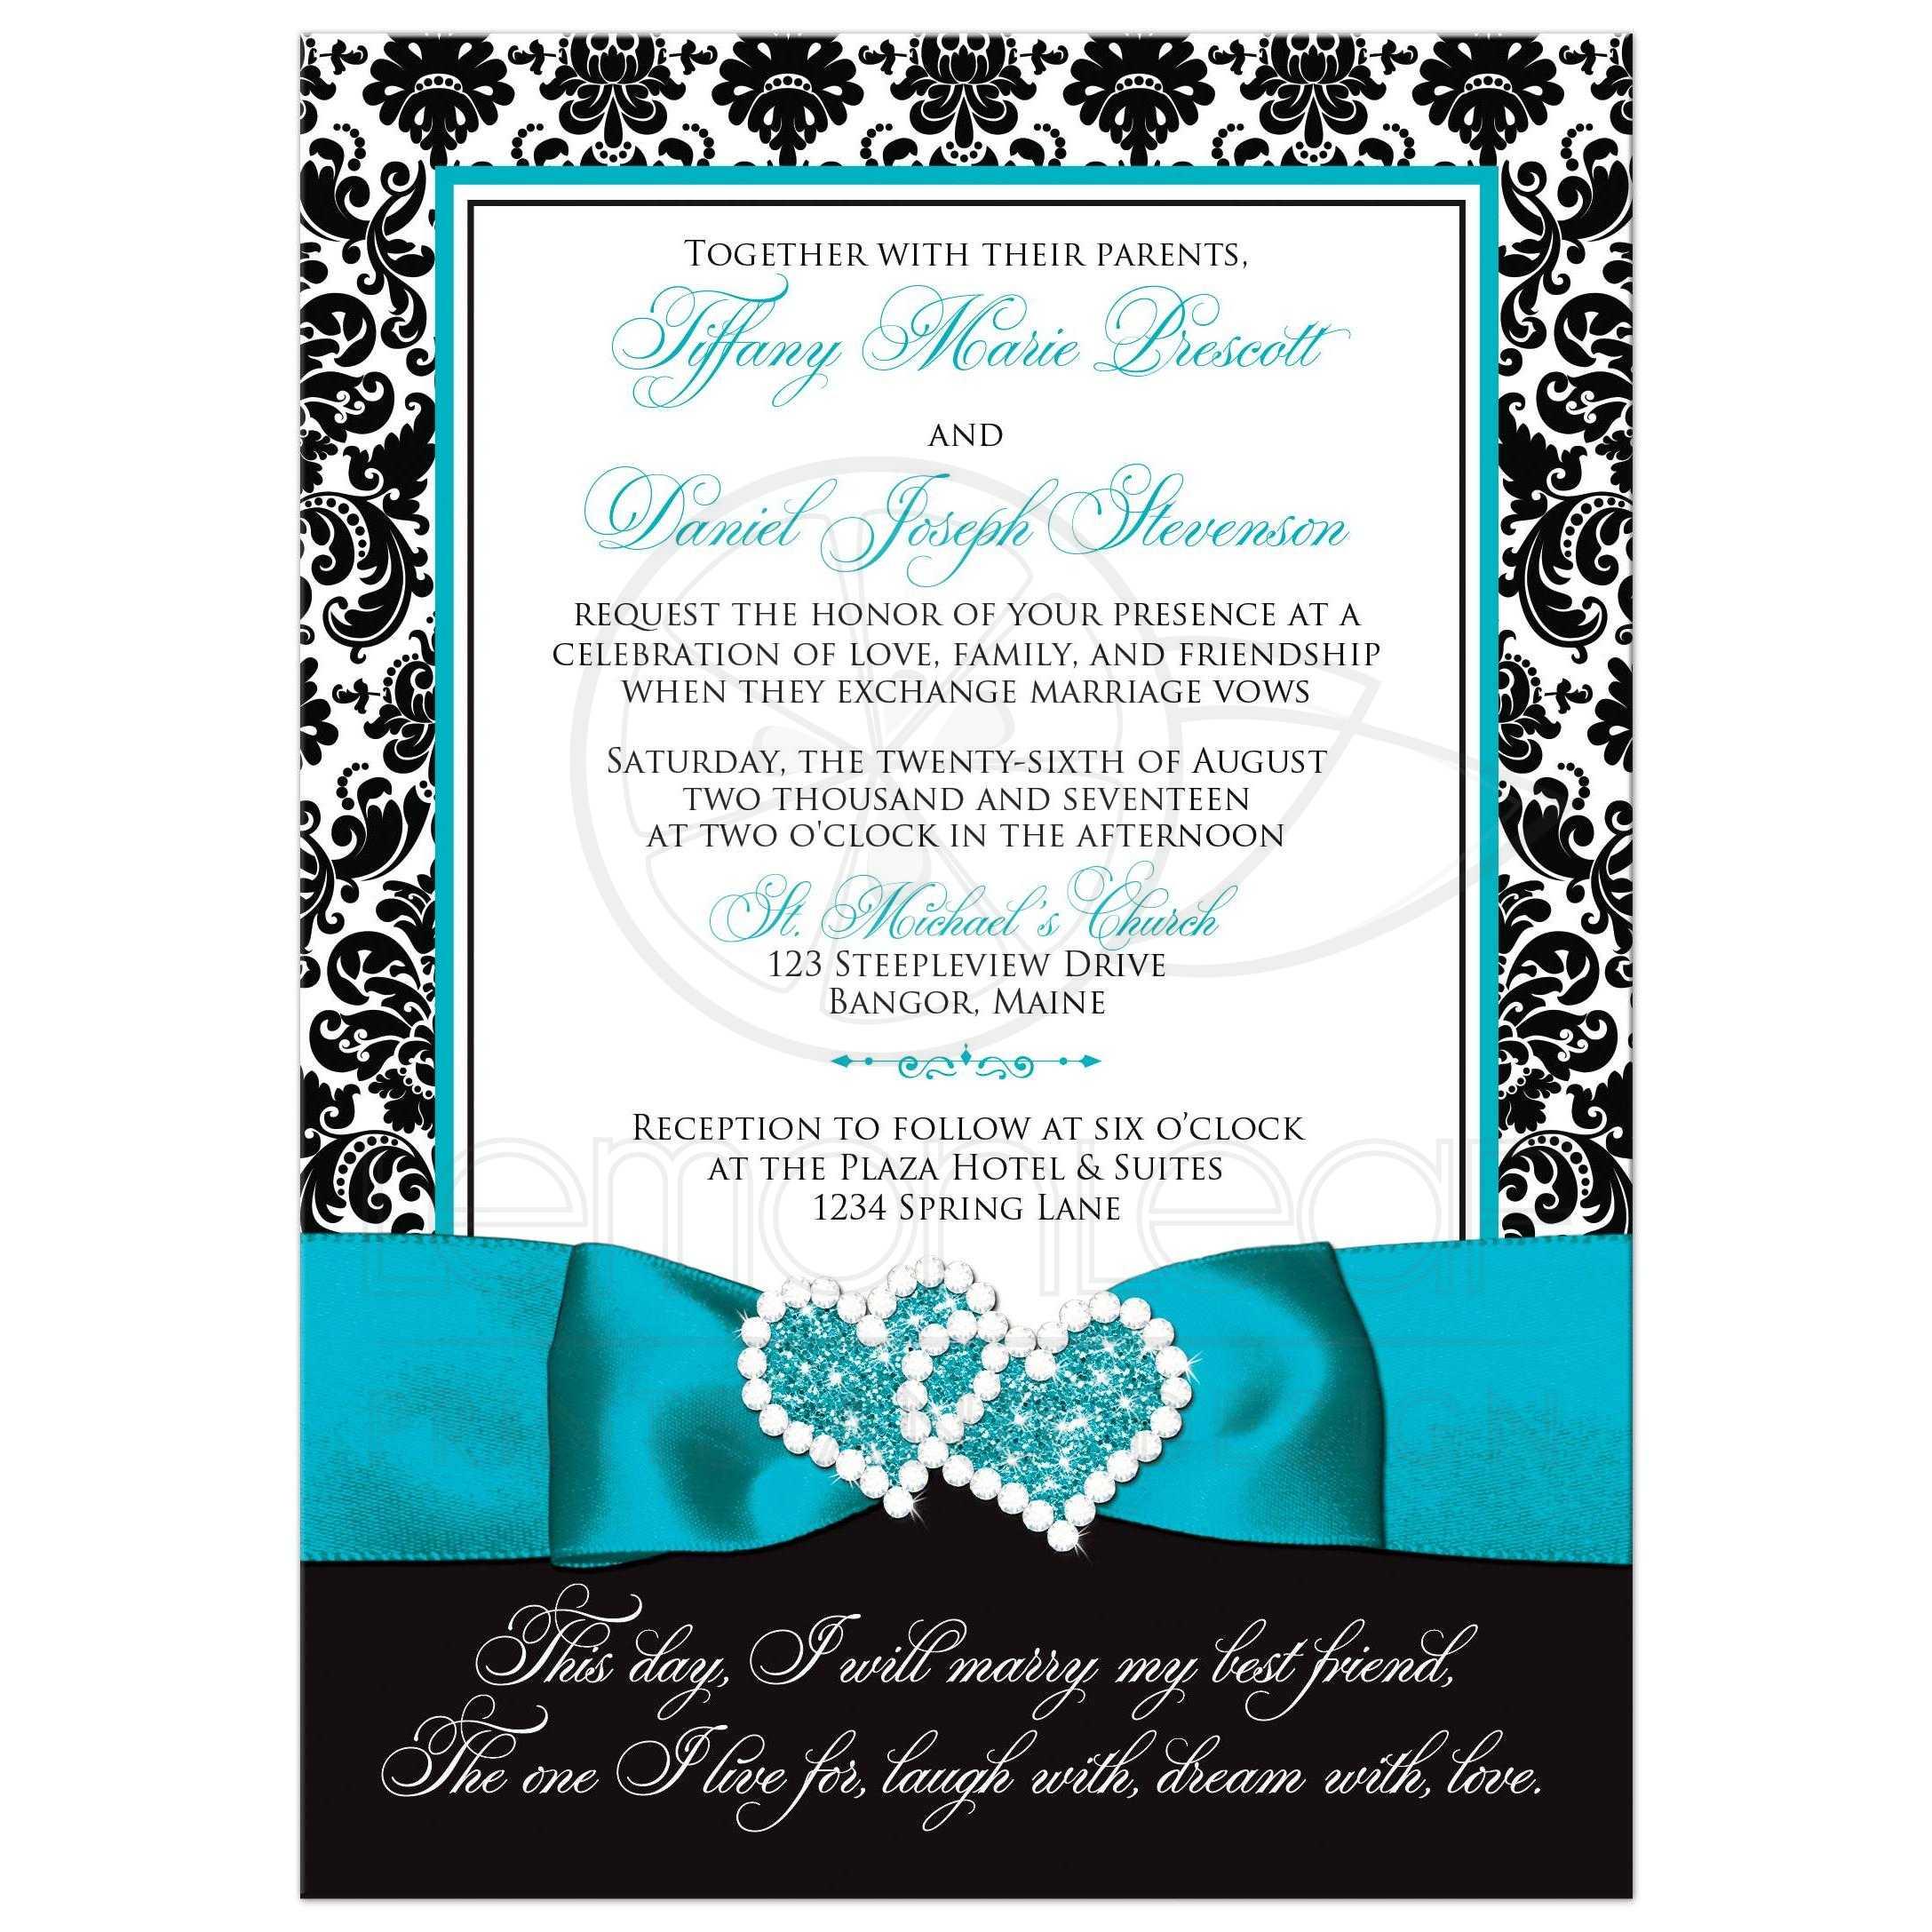 aqua blue wedding invitation designs - 28 images - royal blue aqua ...